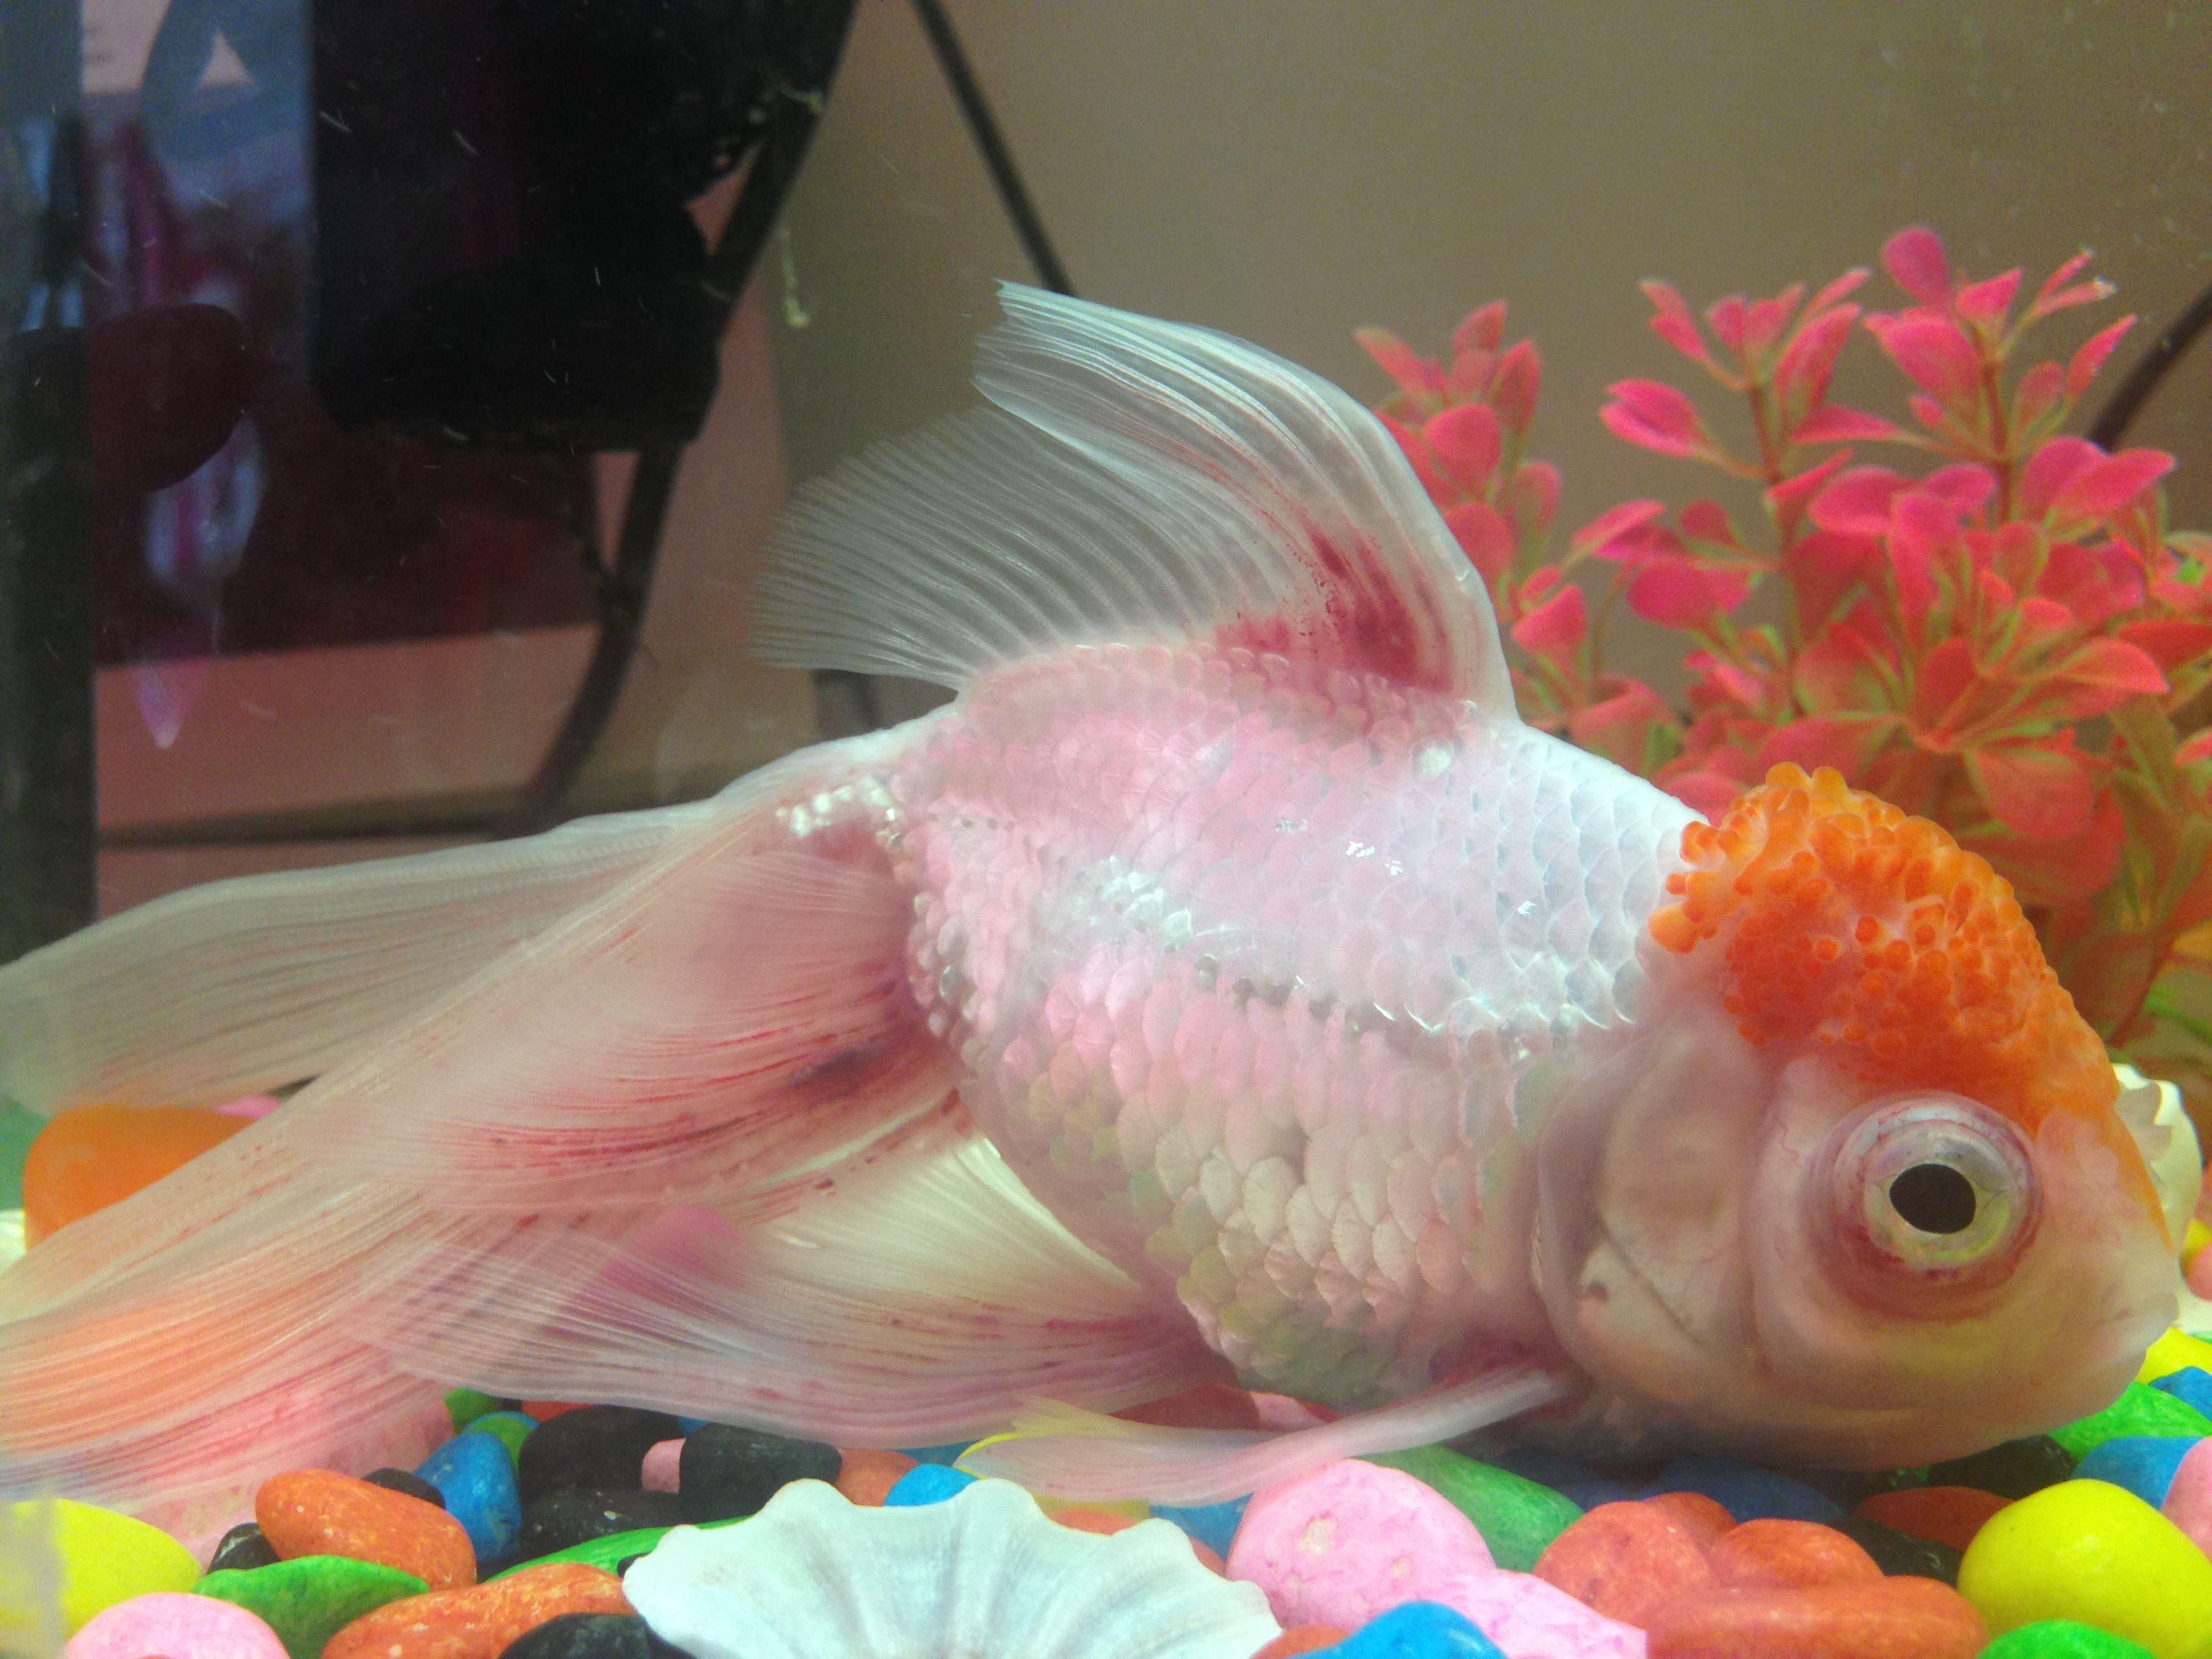 眼睛严重充血图片_金鱼鱼鳍上红丝,溃烂,眼睛现在也充血了,头顶也没有原先那么红啦.